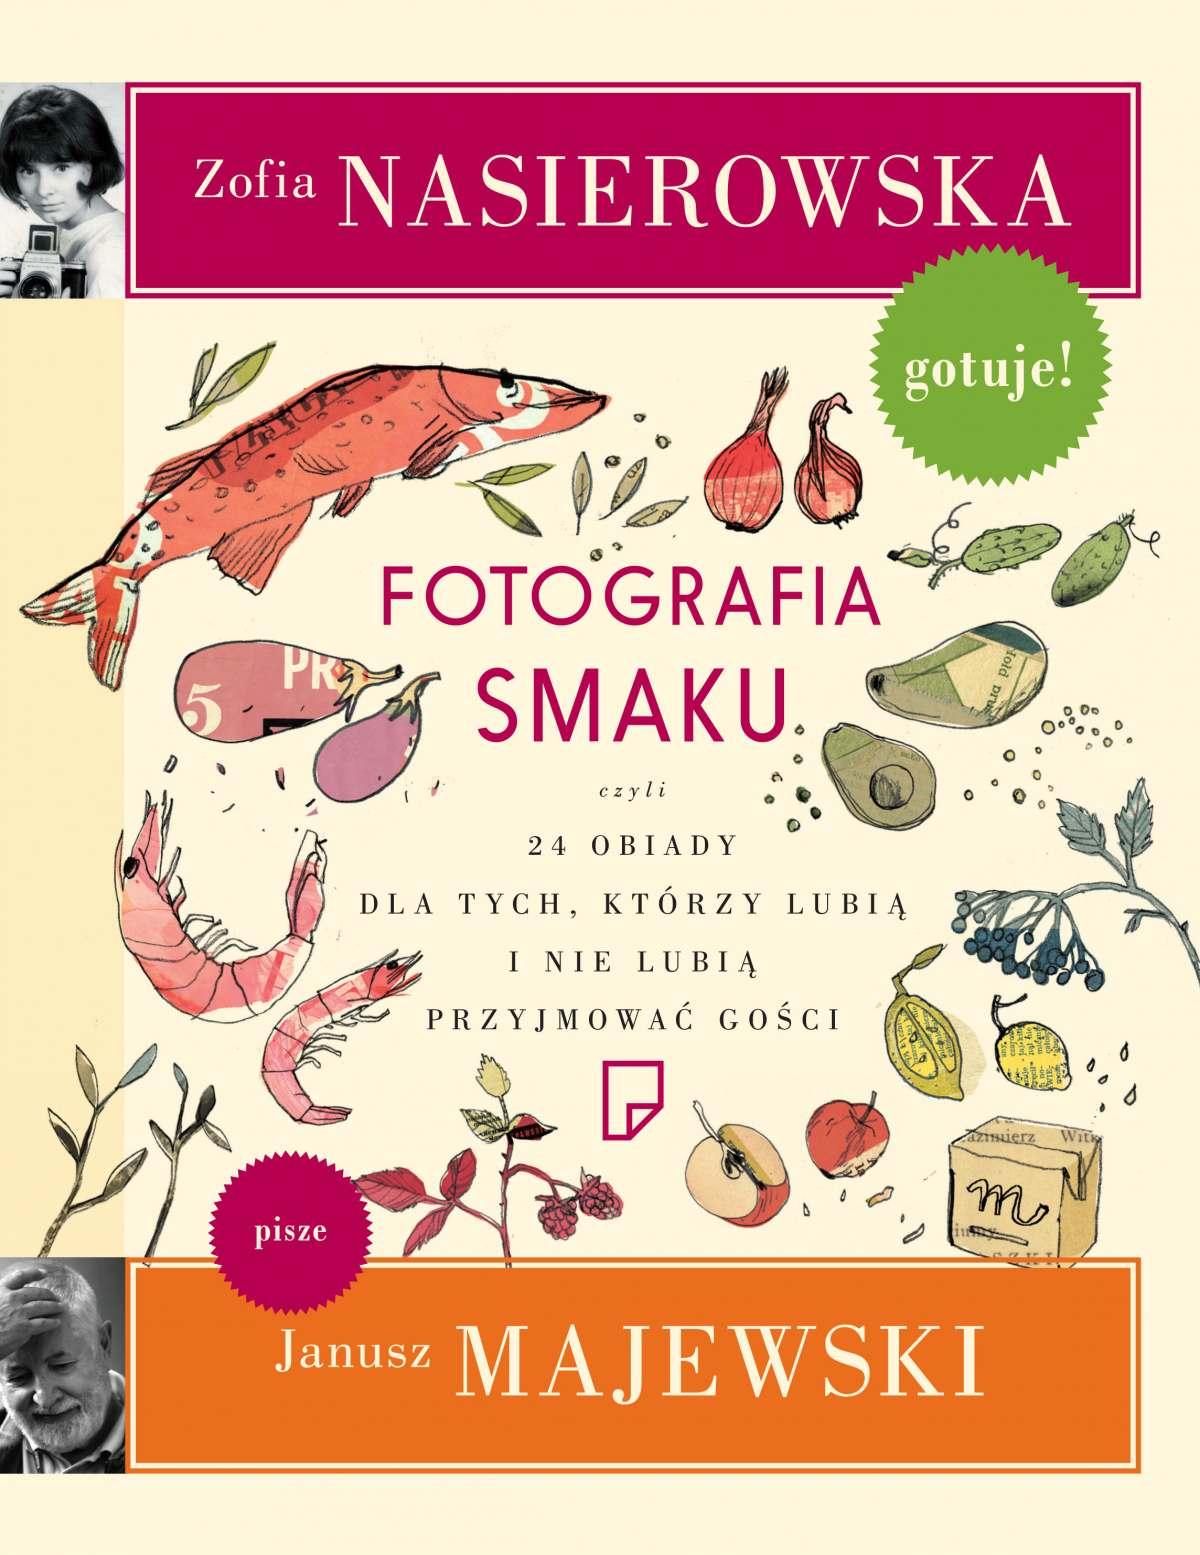 Fotografia smaku - Zofia Nasierowska